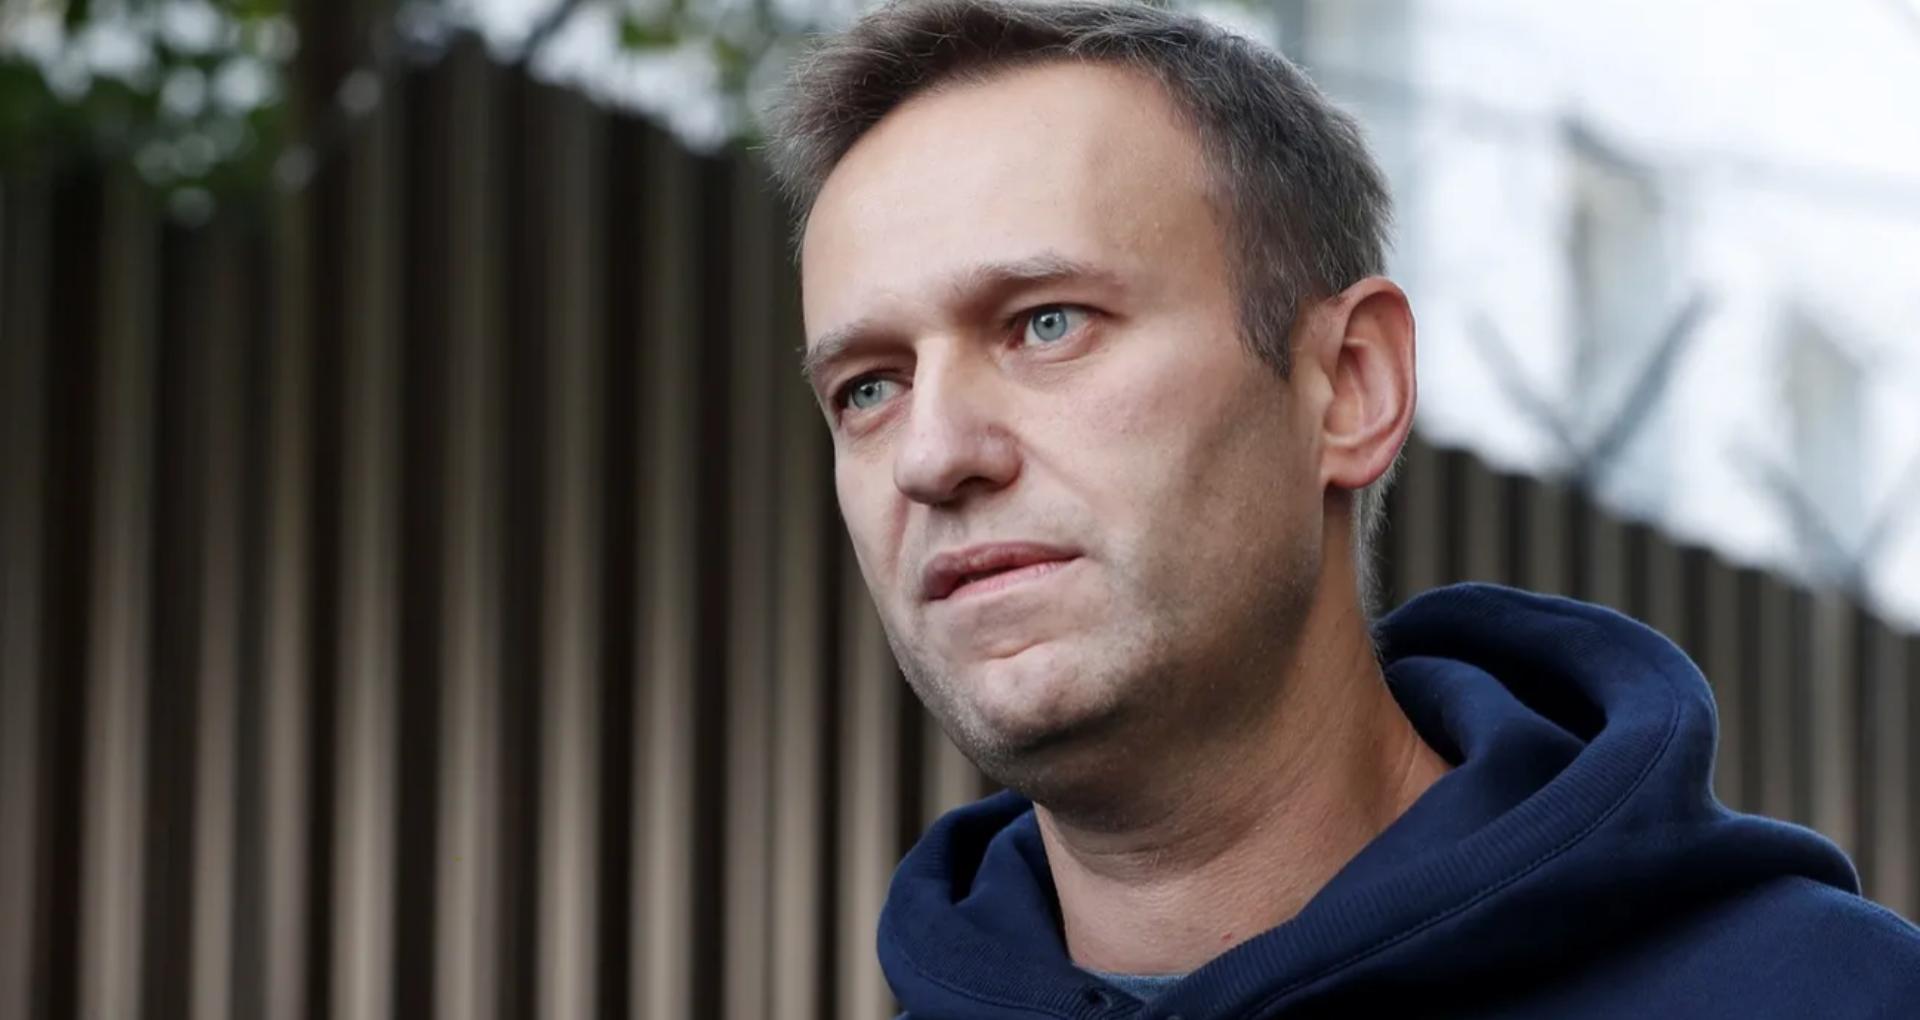 Medicii spitalului din Omsk  au permis transportarea lui Alexei Navalny în Germania